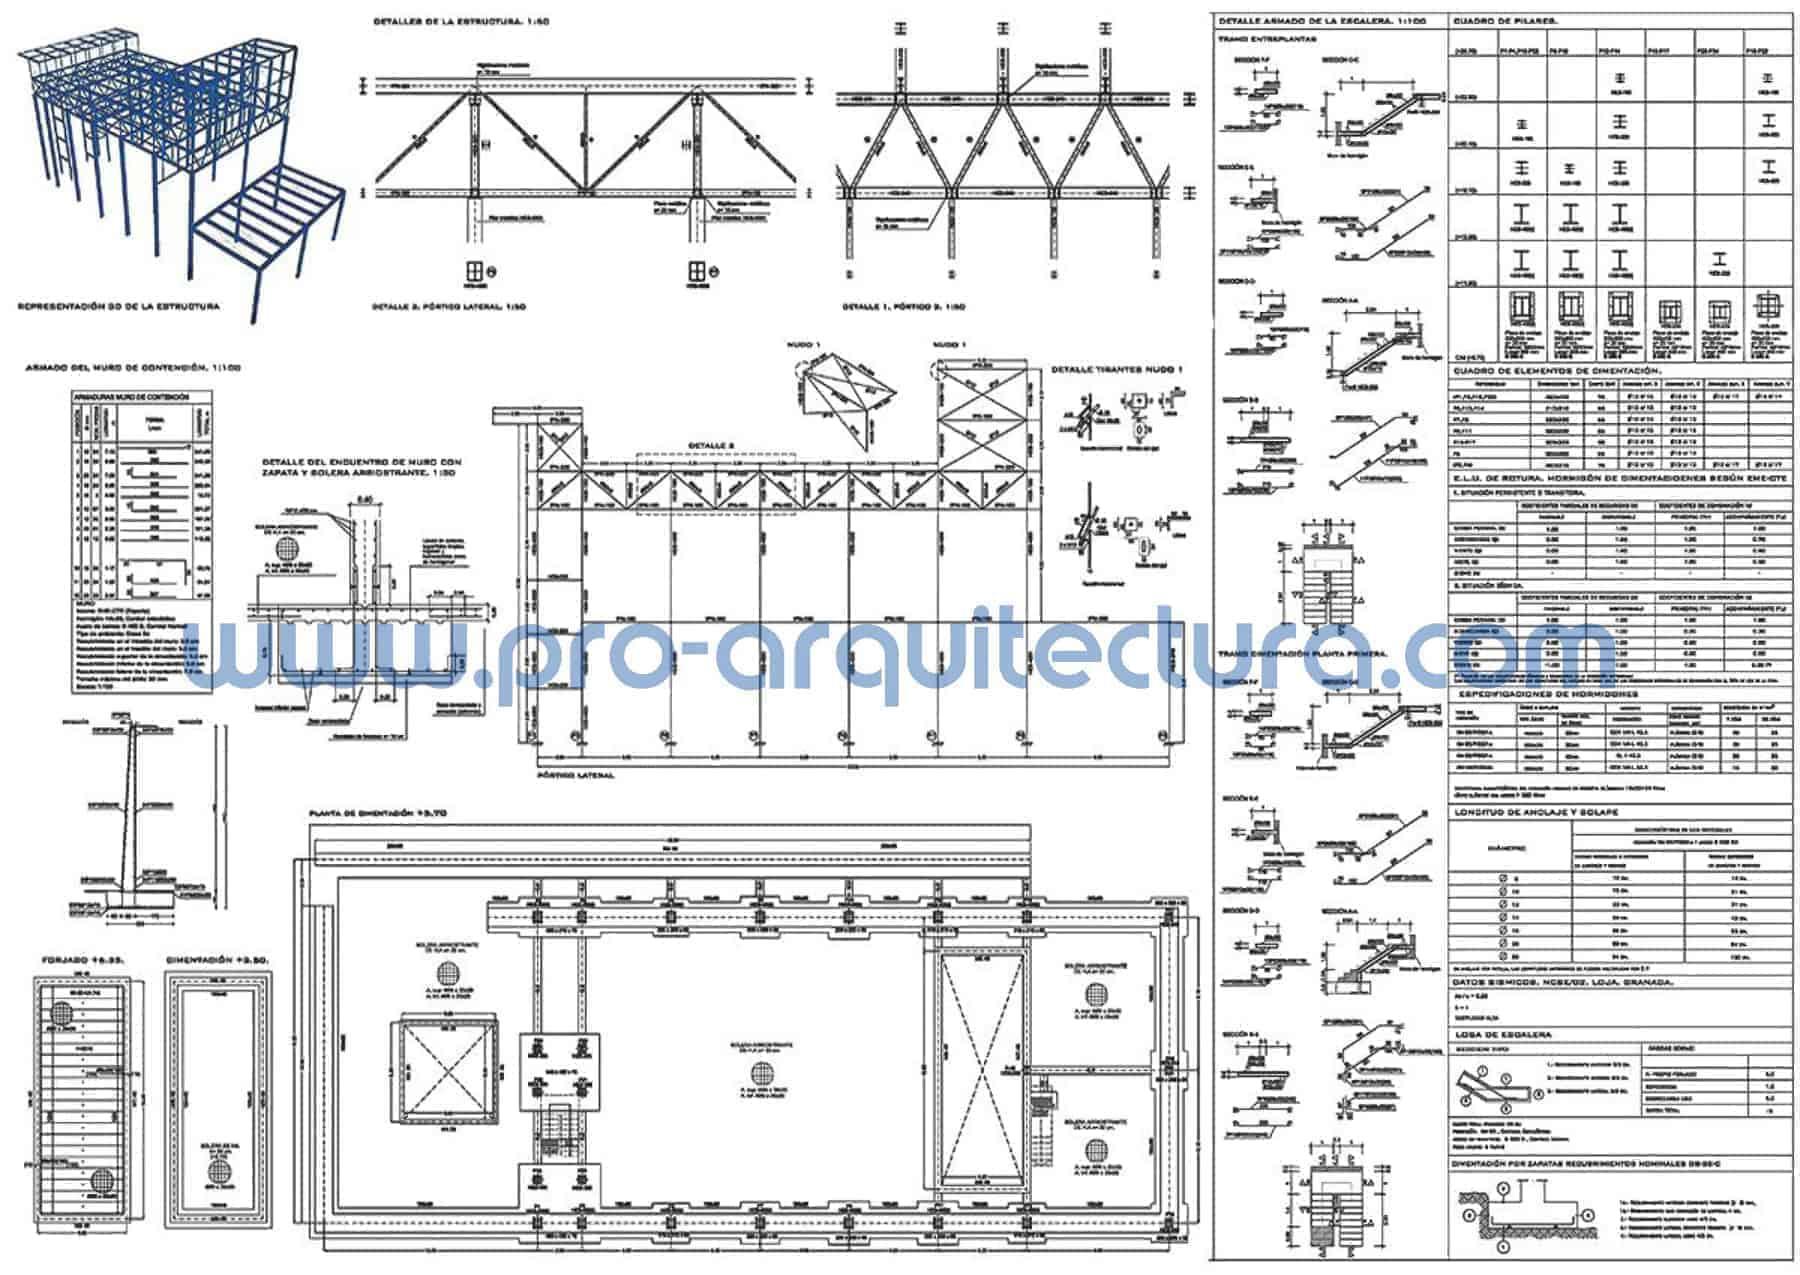 0060-03 Residencia para seminaristas y residencia - Planos de estructuras - Tu ayuda con la entrega de la estructura del pfc pfg tfg tfm de arquitectura. Estructura metálica.